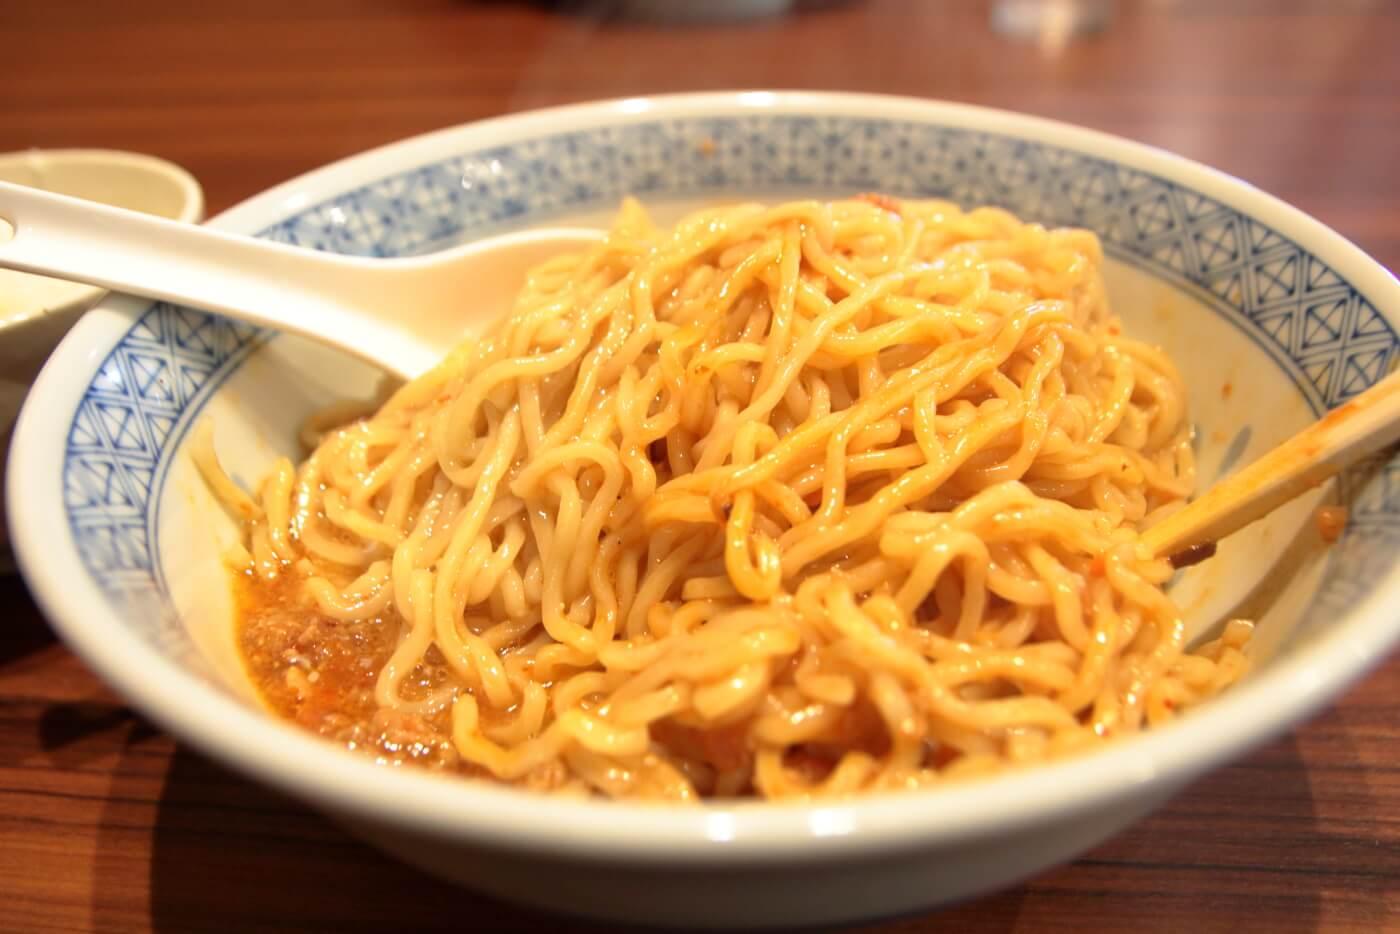 麺や倉橋の汁なし担々麺大盛り1.5玉